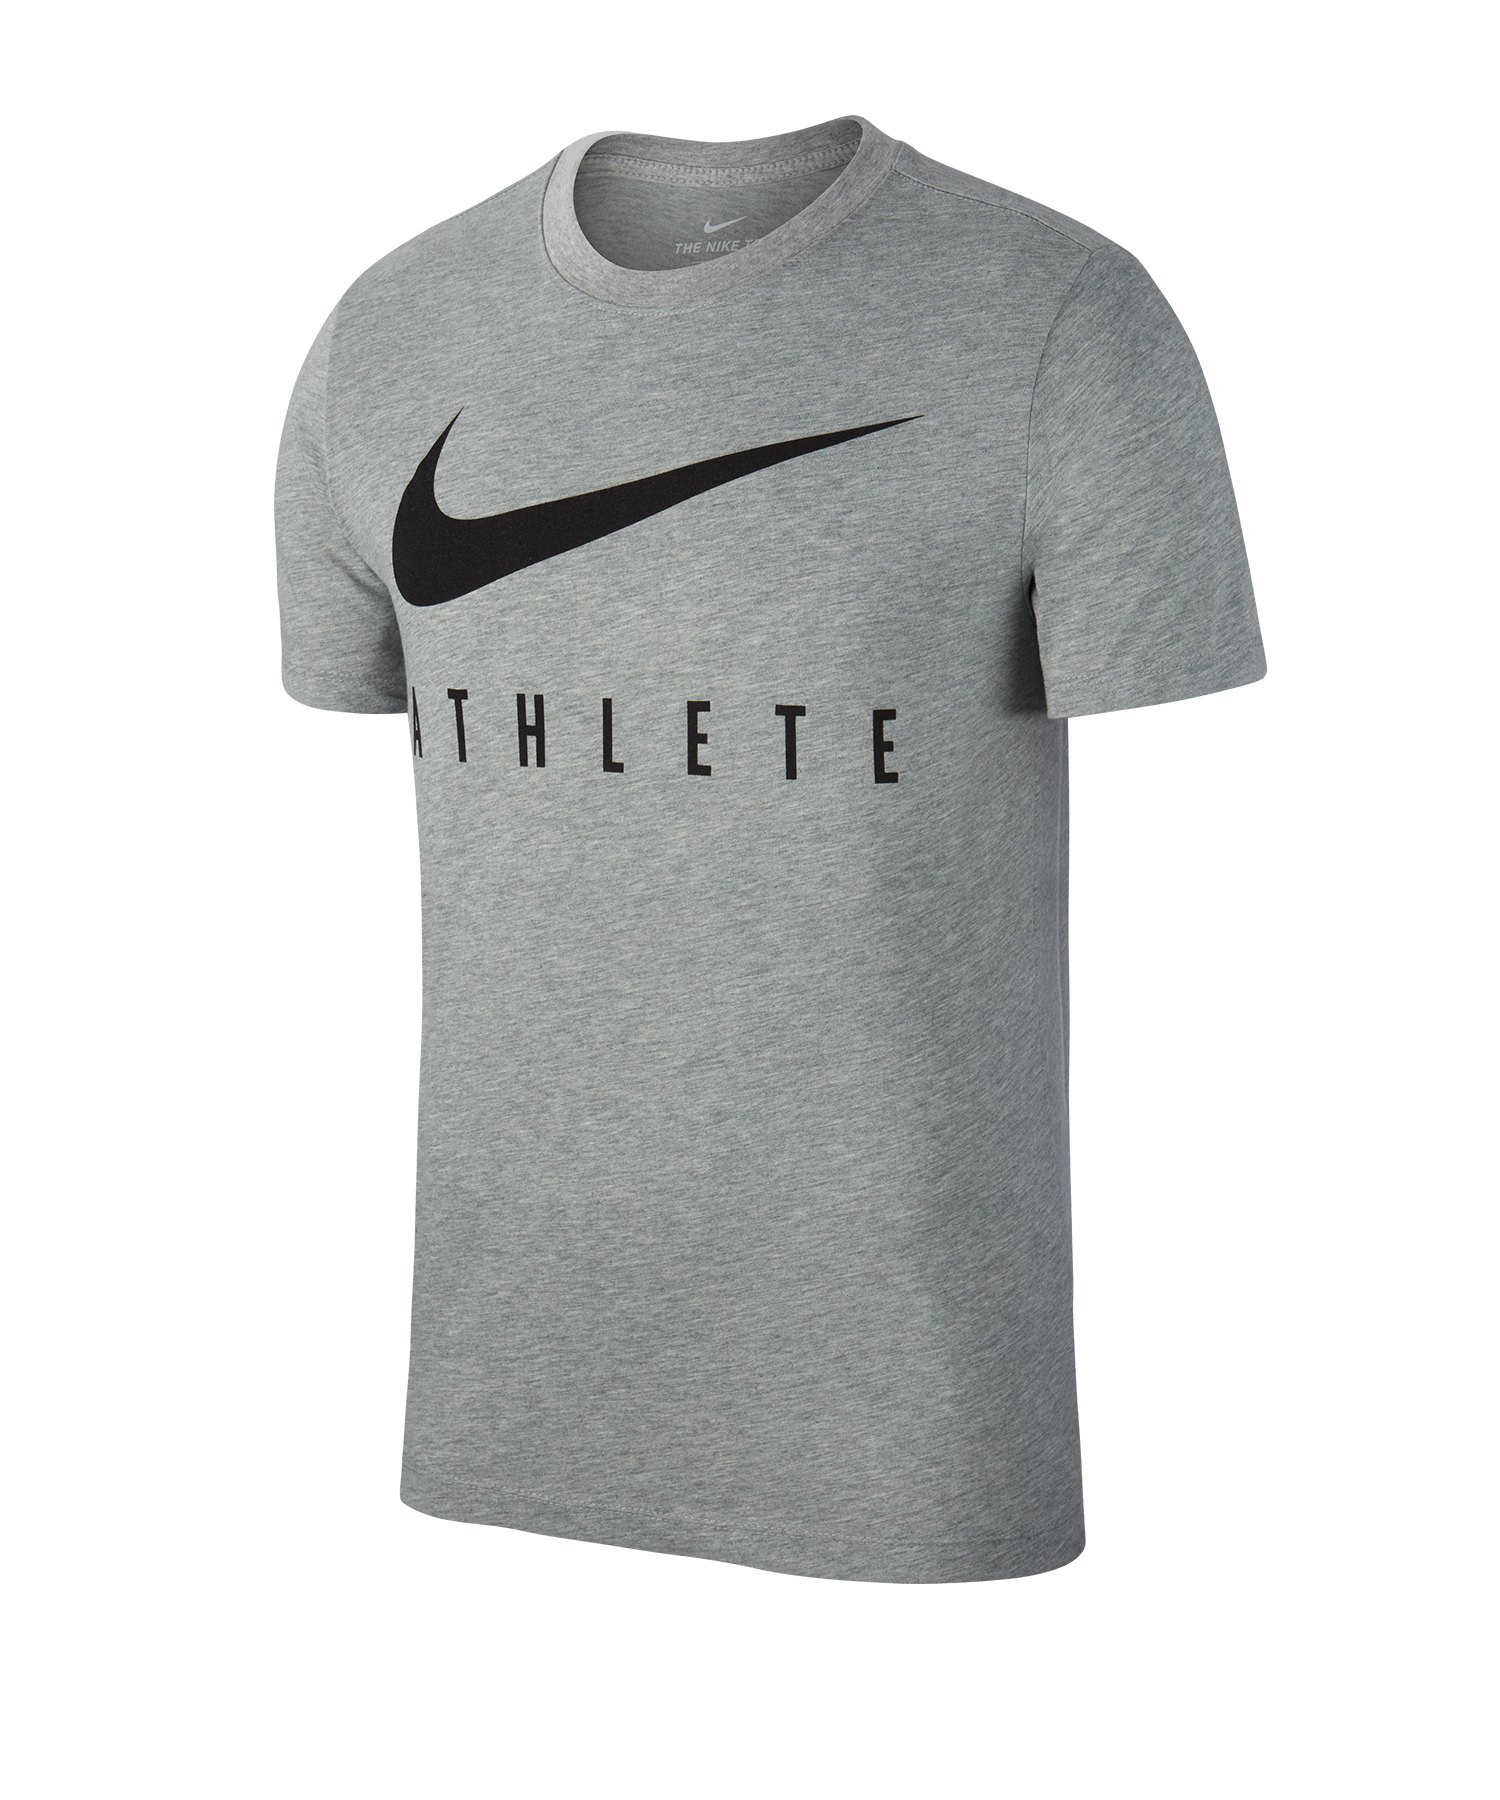 Nike Dry Tee Athlete T-Shirt Grau F063 - grau